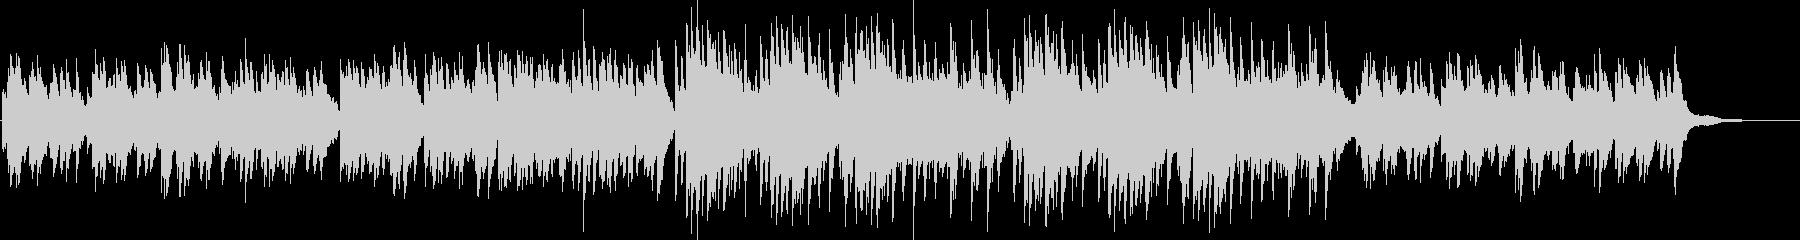 優しくて切ない雰囲気のピアノソロBGMの未再生の波形